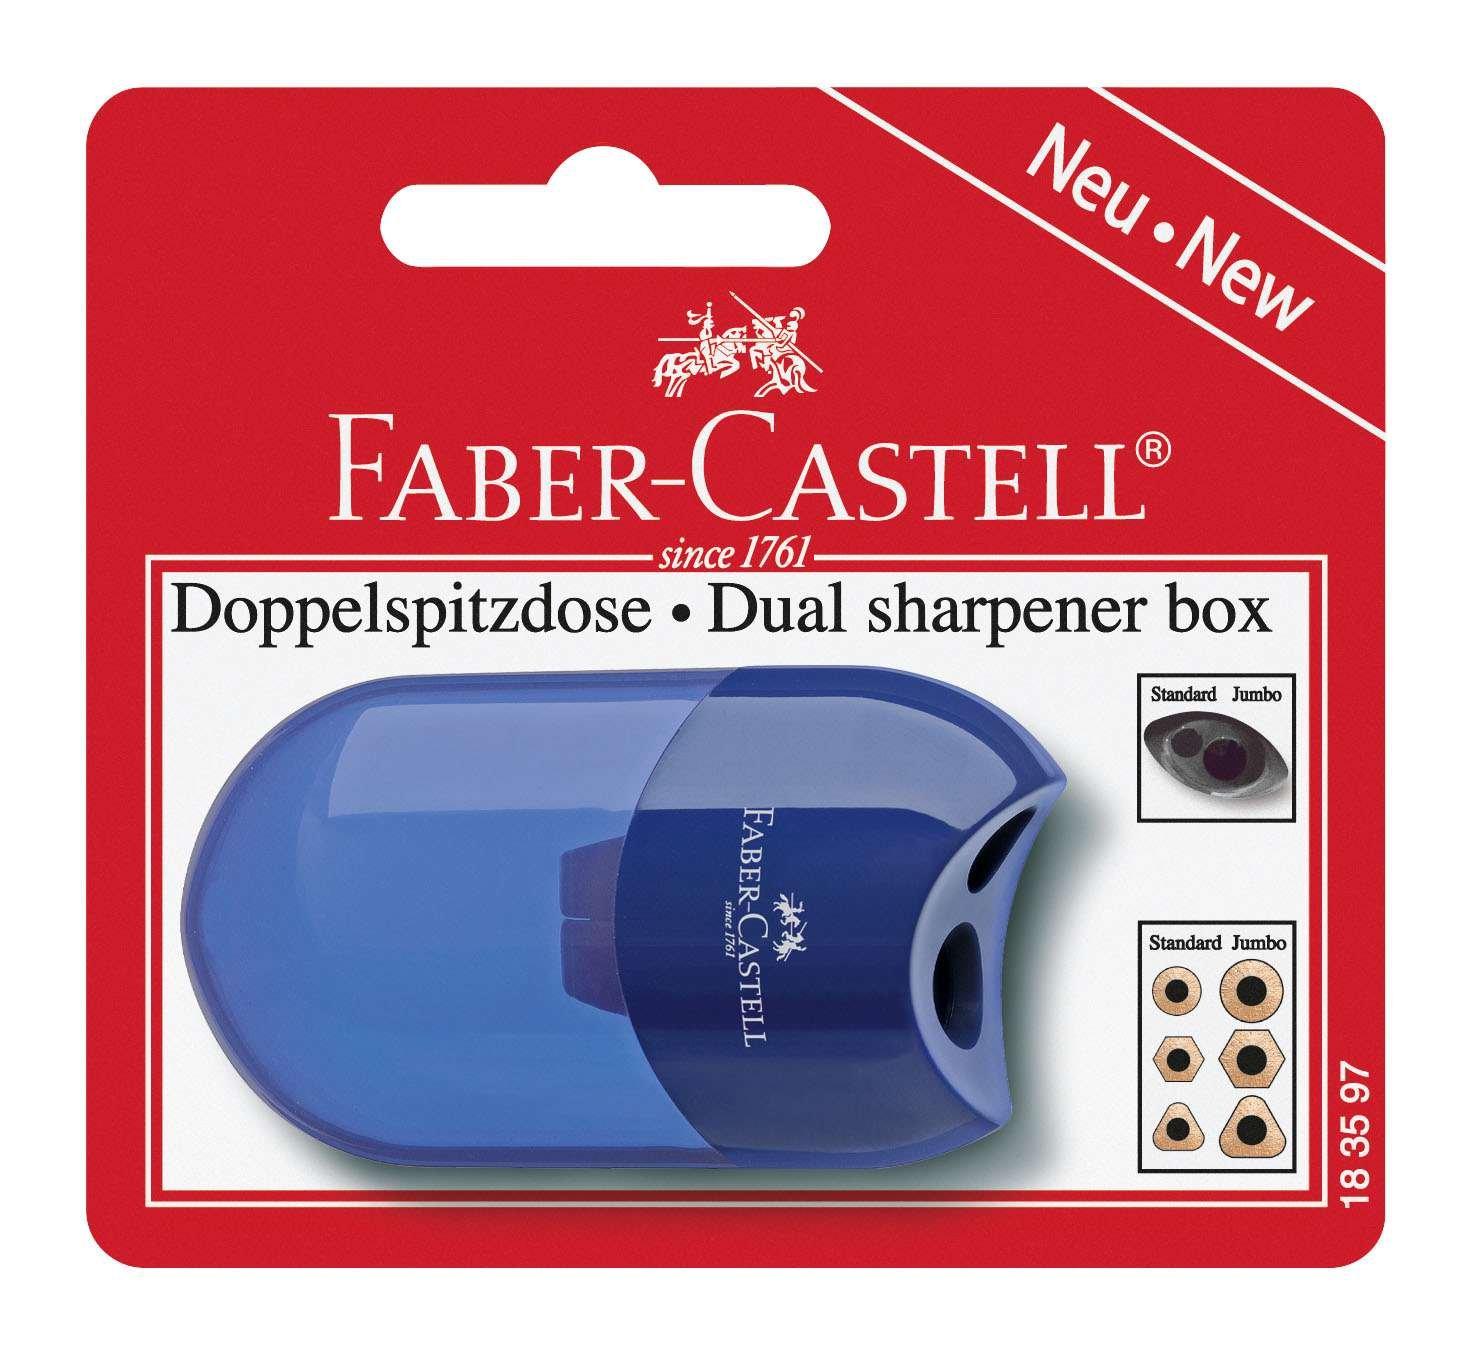 Faber-Castell 183597 - Doppelspitzdose, farblich sortiert in rot und blau -keine Farbauswahl möglich